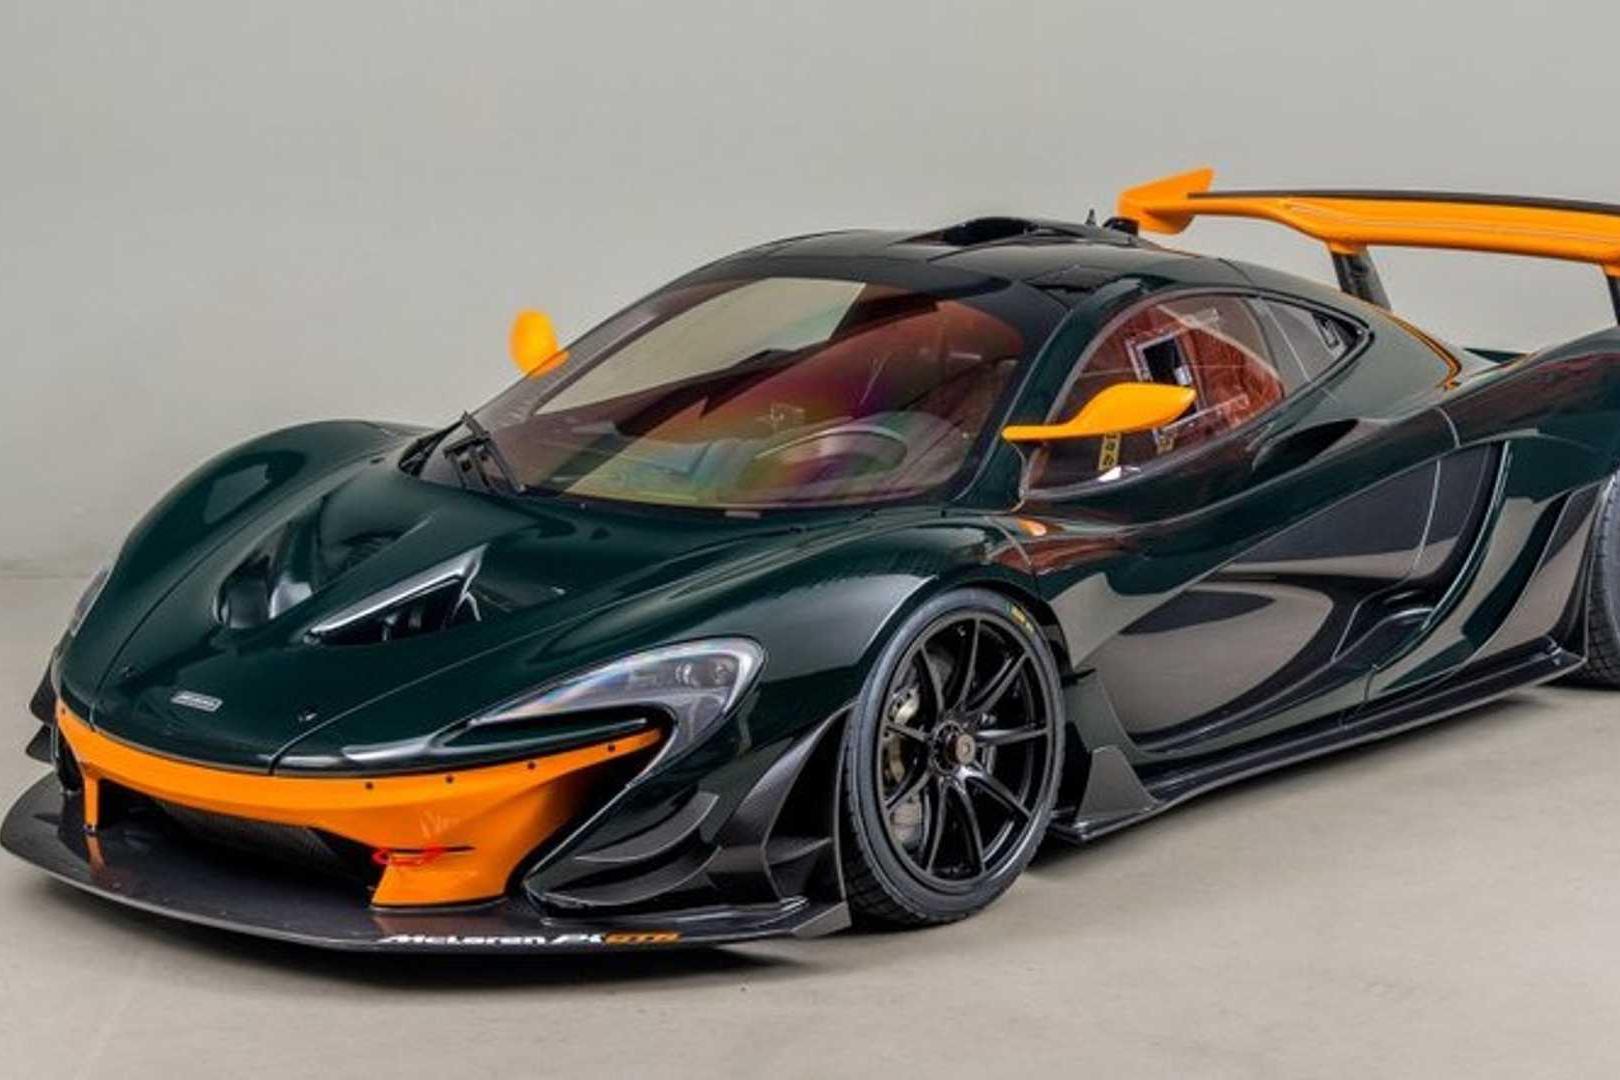 限量38台的迈凯伦P1 GTR,拥有985马力混合动力,零百加速2.4秒